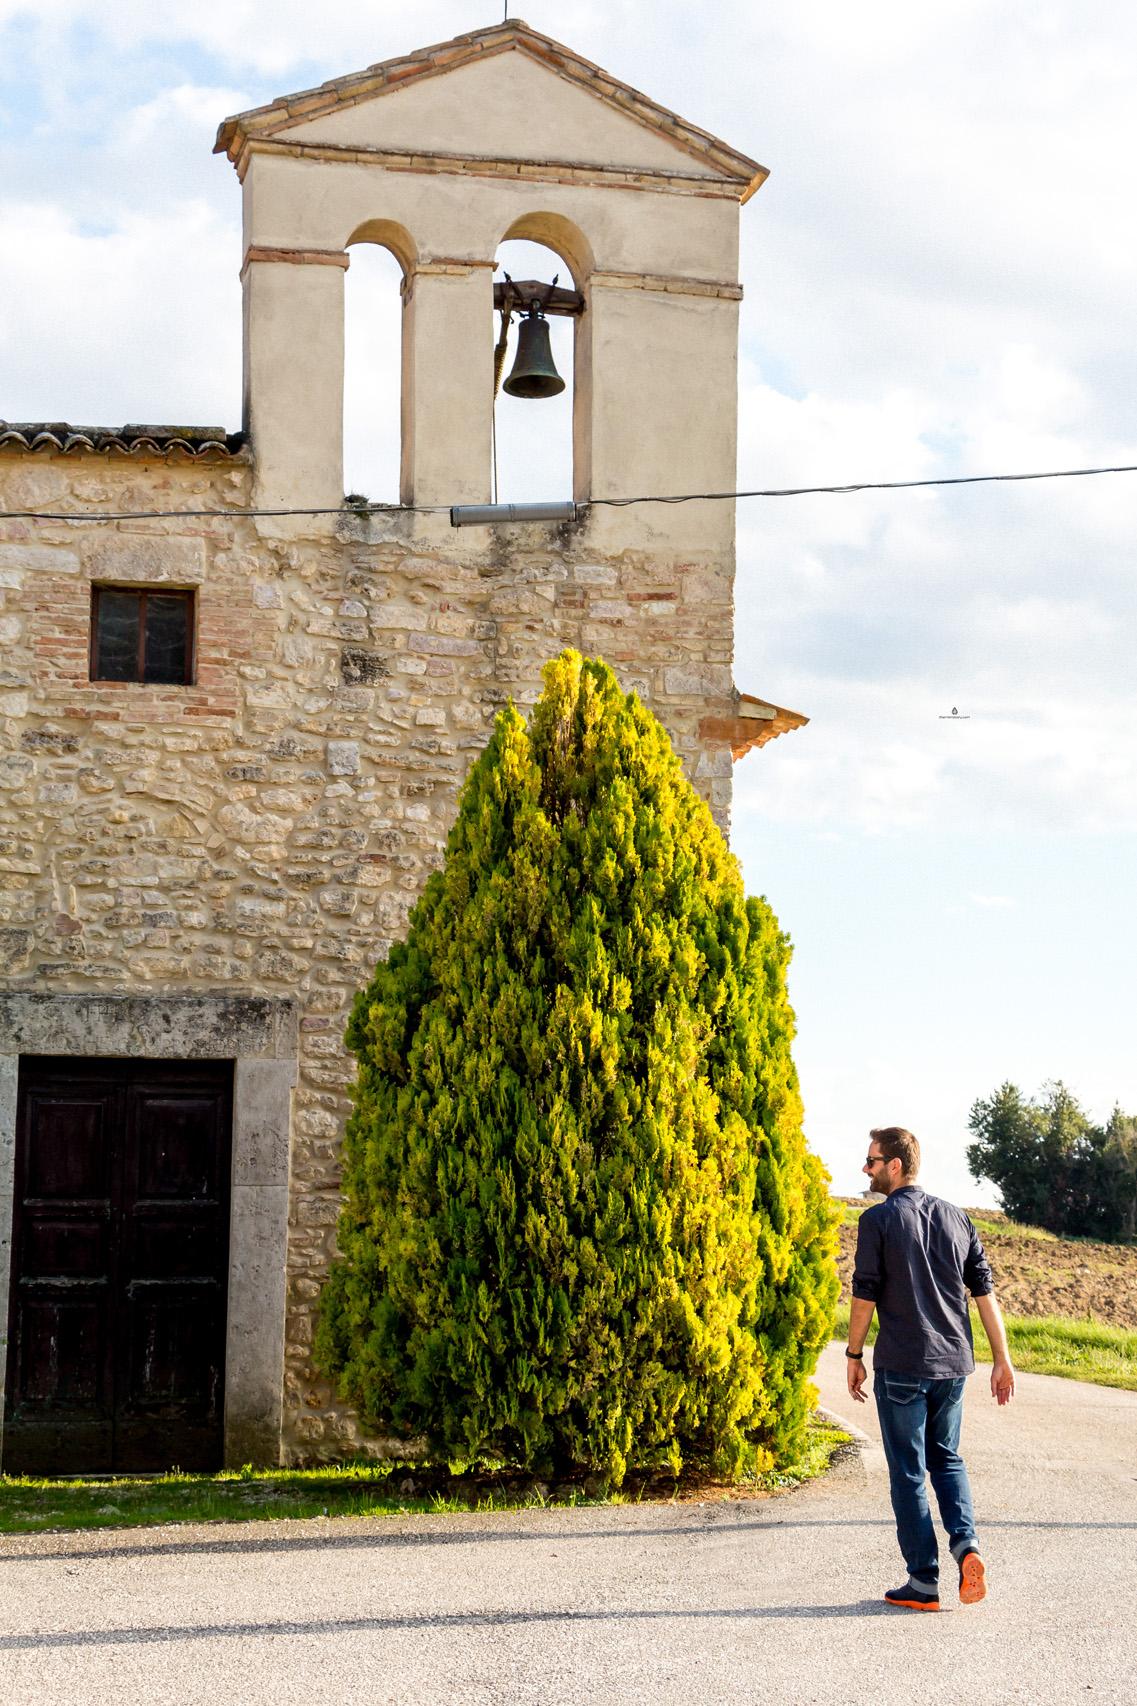 Around Todi, Italy